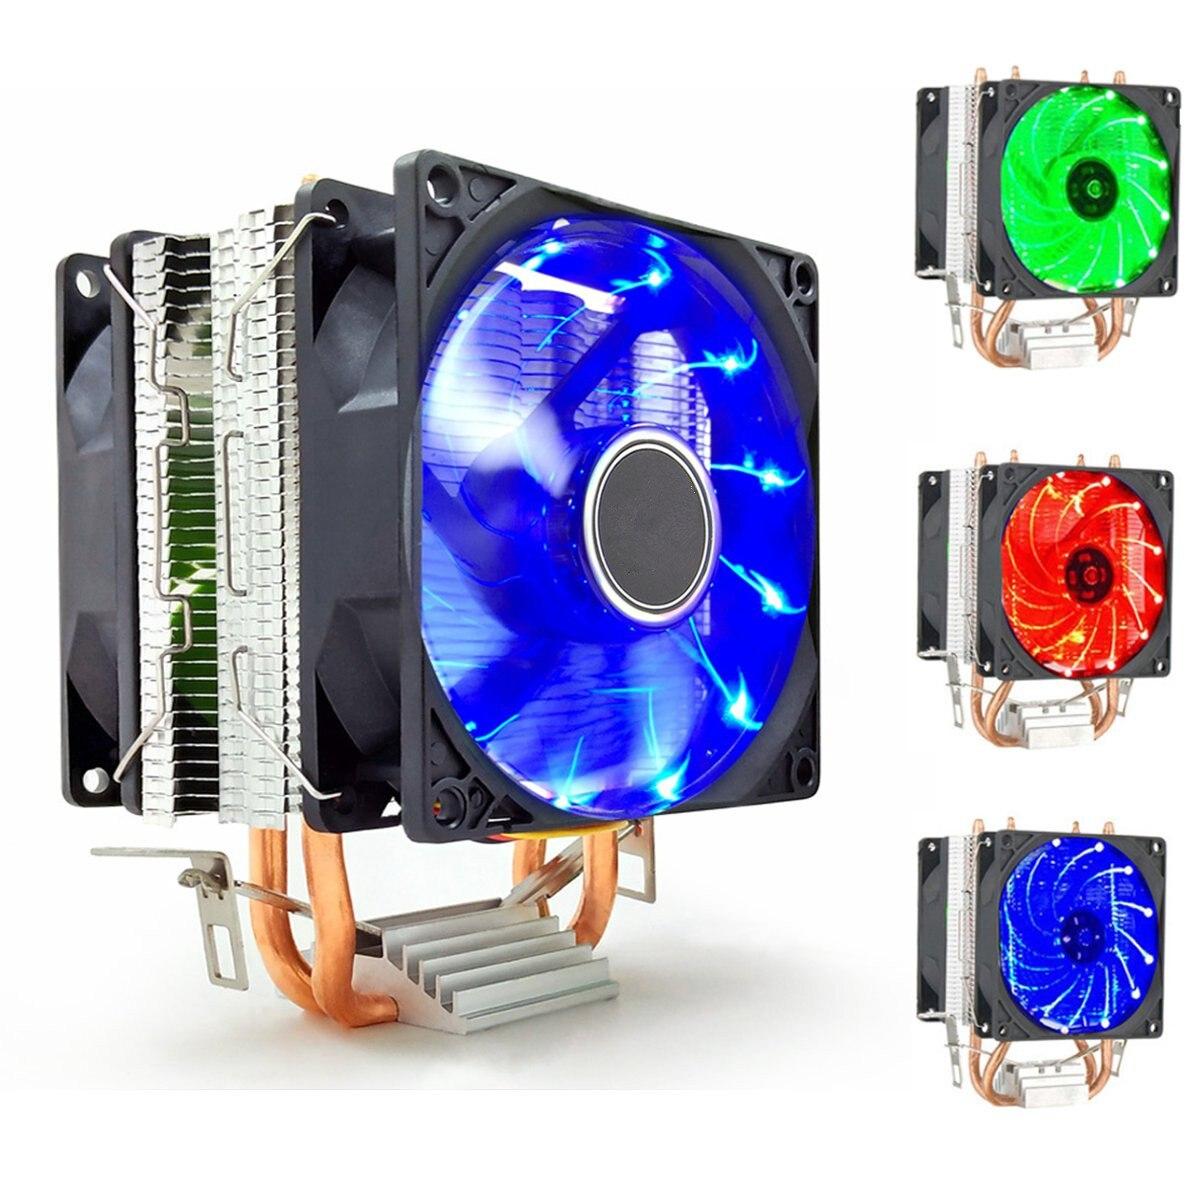 LED Double Ventilateur 2 Caloduc Calme CPU Cooler Radiateur Radiateur Pour LGA 1155 775 1156 AMD 12 v Double CPU Cooler Ventilateur Puissant Pour AMD